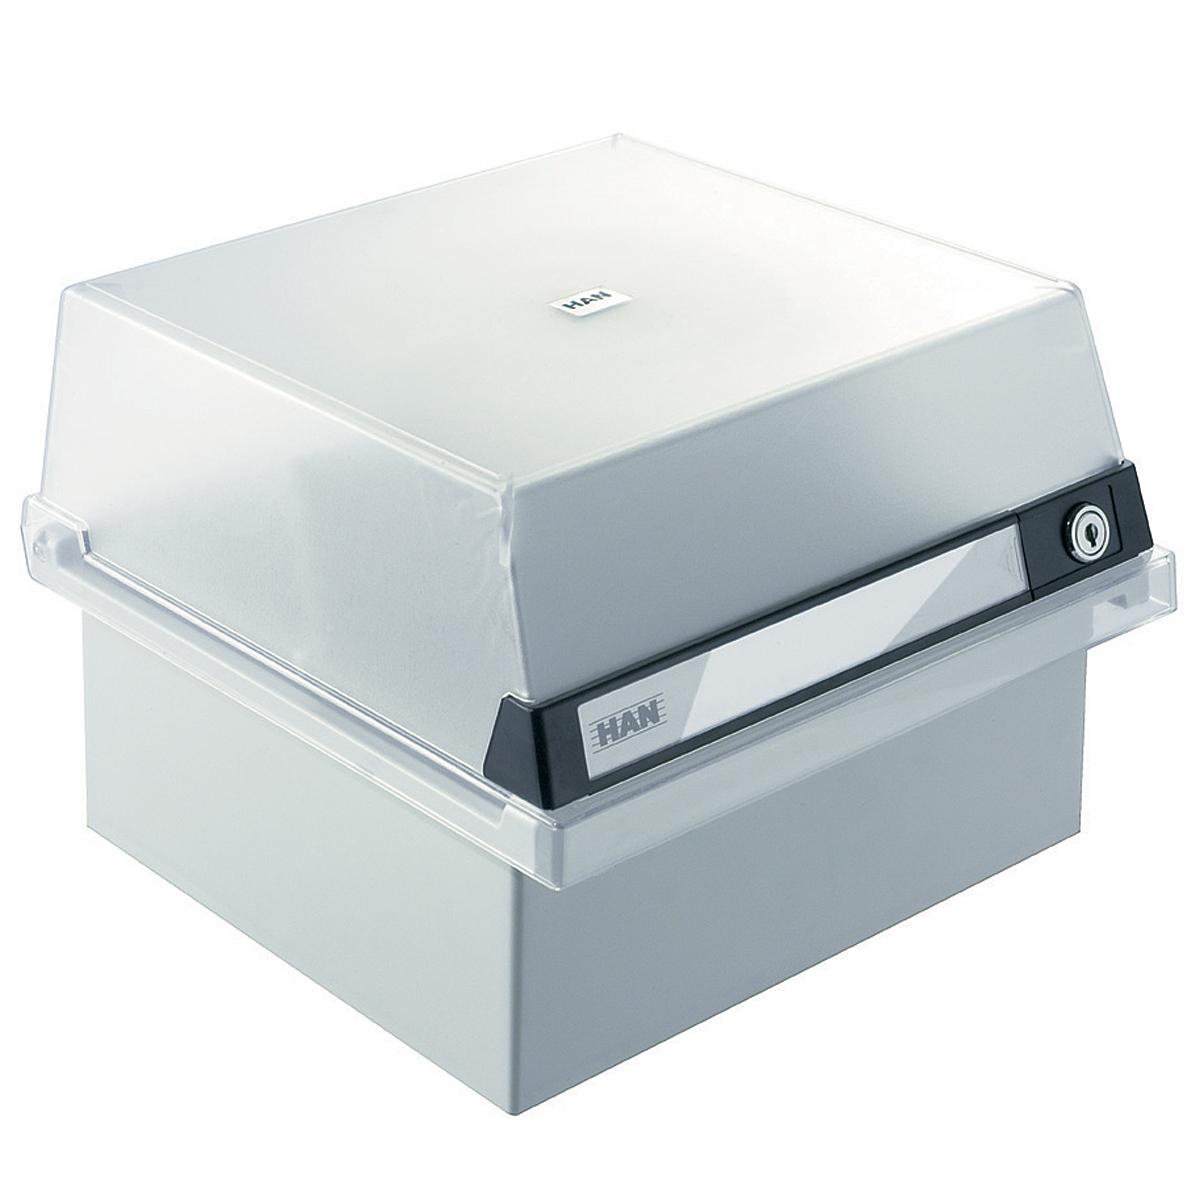 Лоток для бумаг горизонтальный HAN, с крышкой, цвет: светло-серый, формат А5. HA965/S/631HA965/S/631Горизонтальный лоток для бумаг HAN поможет вам навести порядок на столе и сэкономить пространство. Лоток подойдет для карточек формата А5 и меньше.Лоток состоит из 3 вместительных секций, и, благодаря оригинальному дизайну и классической форме, органично впишется в любой интерьер. В комплект входят 1 прозрачный ярлык и 1 пластиковый съемный разделитель, всего лоток оснащен вырубками для 16 разделителей. Таким образом, можно изменять размер секций, что позволяет настроить лоток так, как будет удобно именно вам. Лоток закрывается прозрачной крышкой на ключ, что обеспечивает сохранность хранящихся в нем бумаг. В комплекте - 2 ключа. На крышке расположено прозрачное окошко для этикетки.Лоток изготовлен из антистатического ударопрочного пластика. Лоток имеет ножки, предотвращающие скольжение по столу и обеспечивающие необходимую устойчивость.Благодаря лотку для бумаг, важные бумаги и документы не потеряются и всегда будут под рукой.